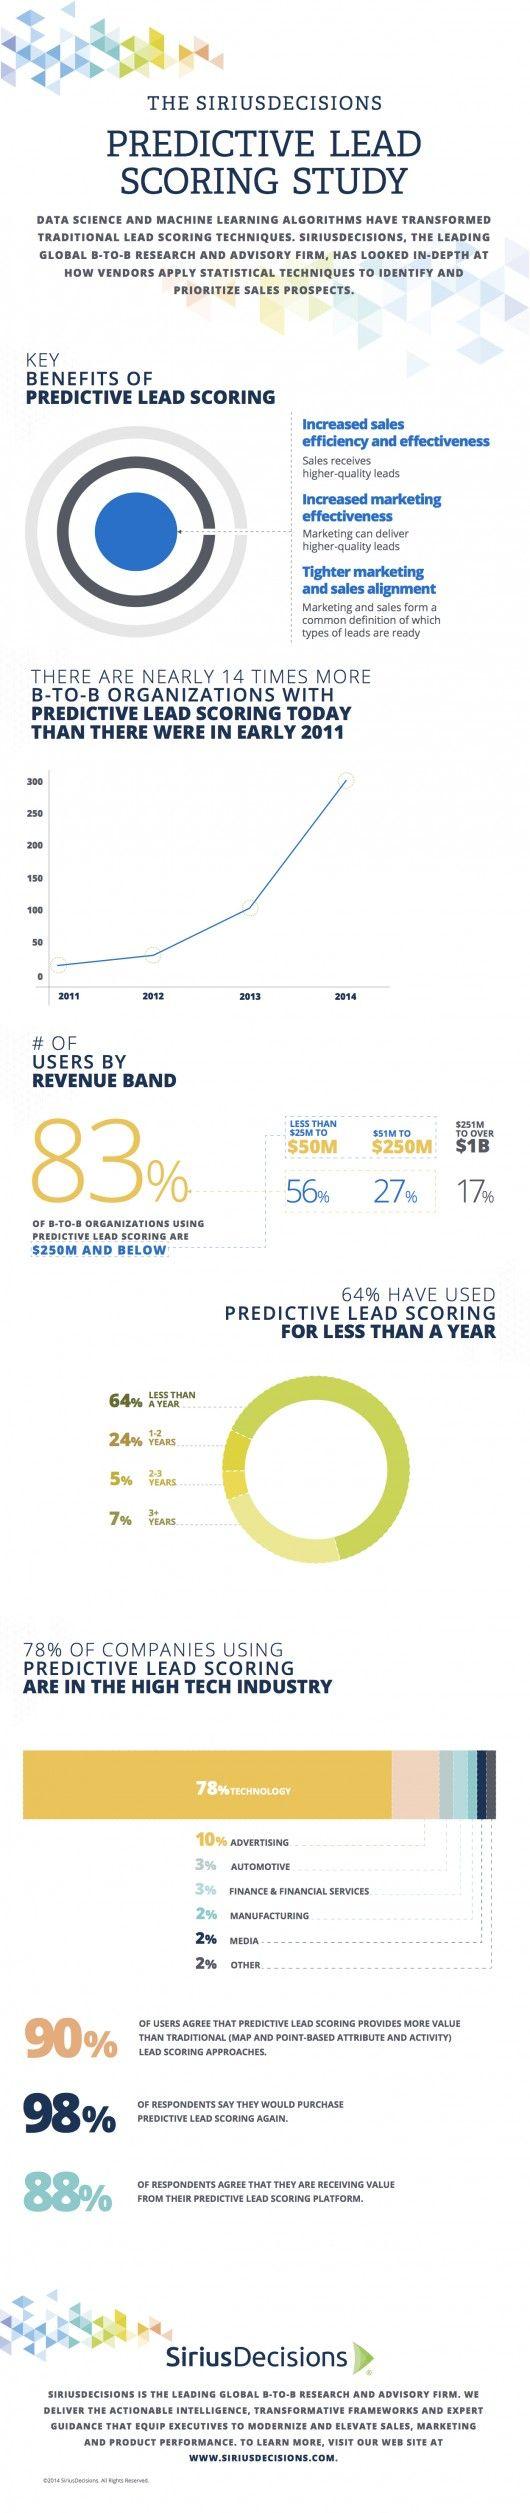 #PredictiveLeadScoring bringt deutlich mehr Nutzen als die traditionelle Bewertung von Verkaufschancen. Dennoch werfen bislang nur wenige kleinere Unternehmen einen Blick in die Lead-Kristallkugel.